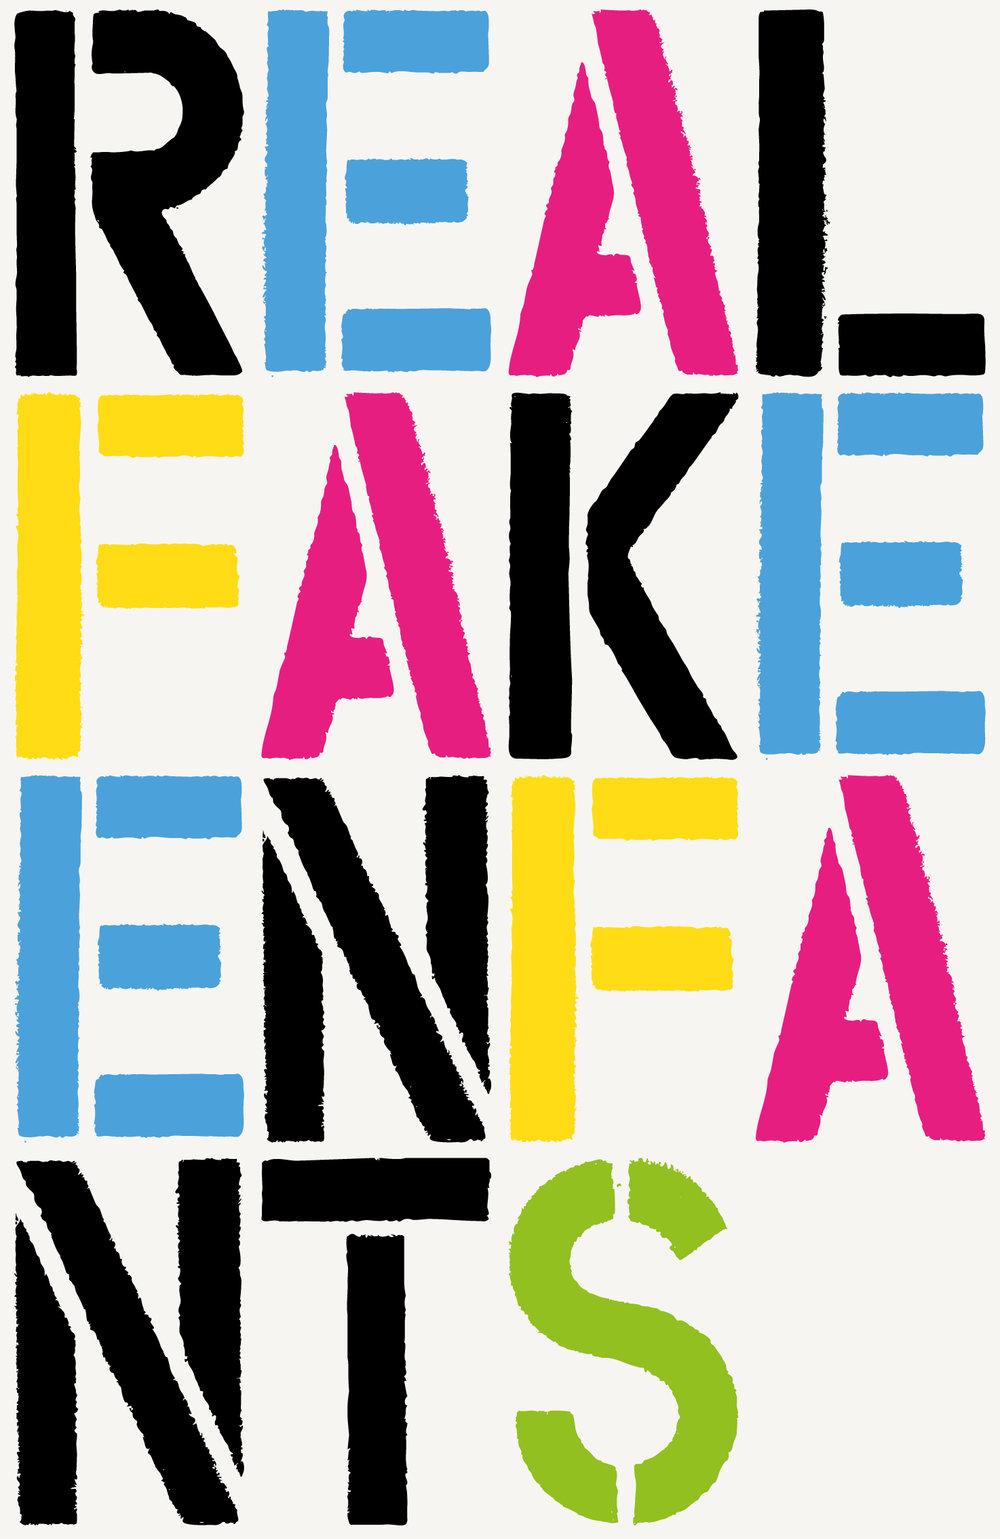 ARTCLASSE-REALFAKE_ENFANTS.jpg